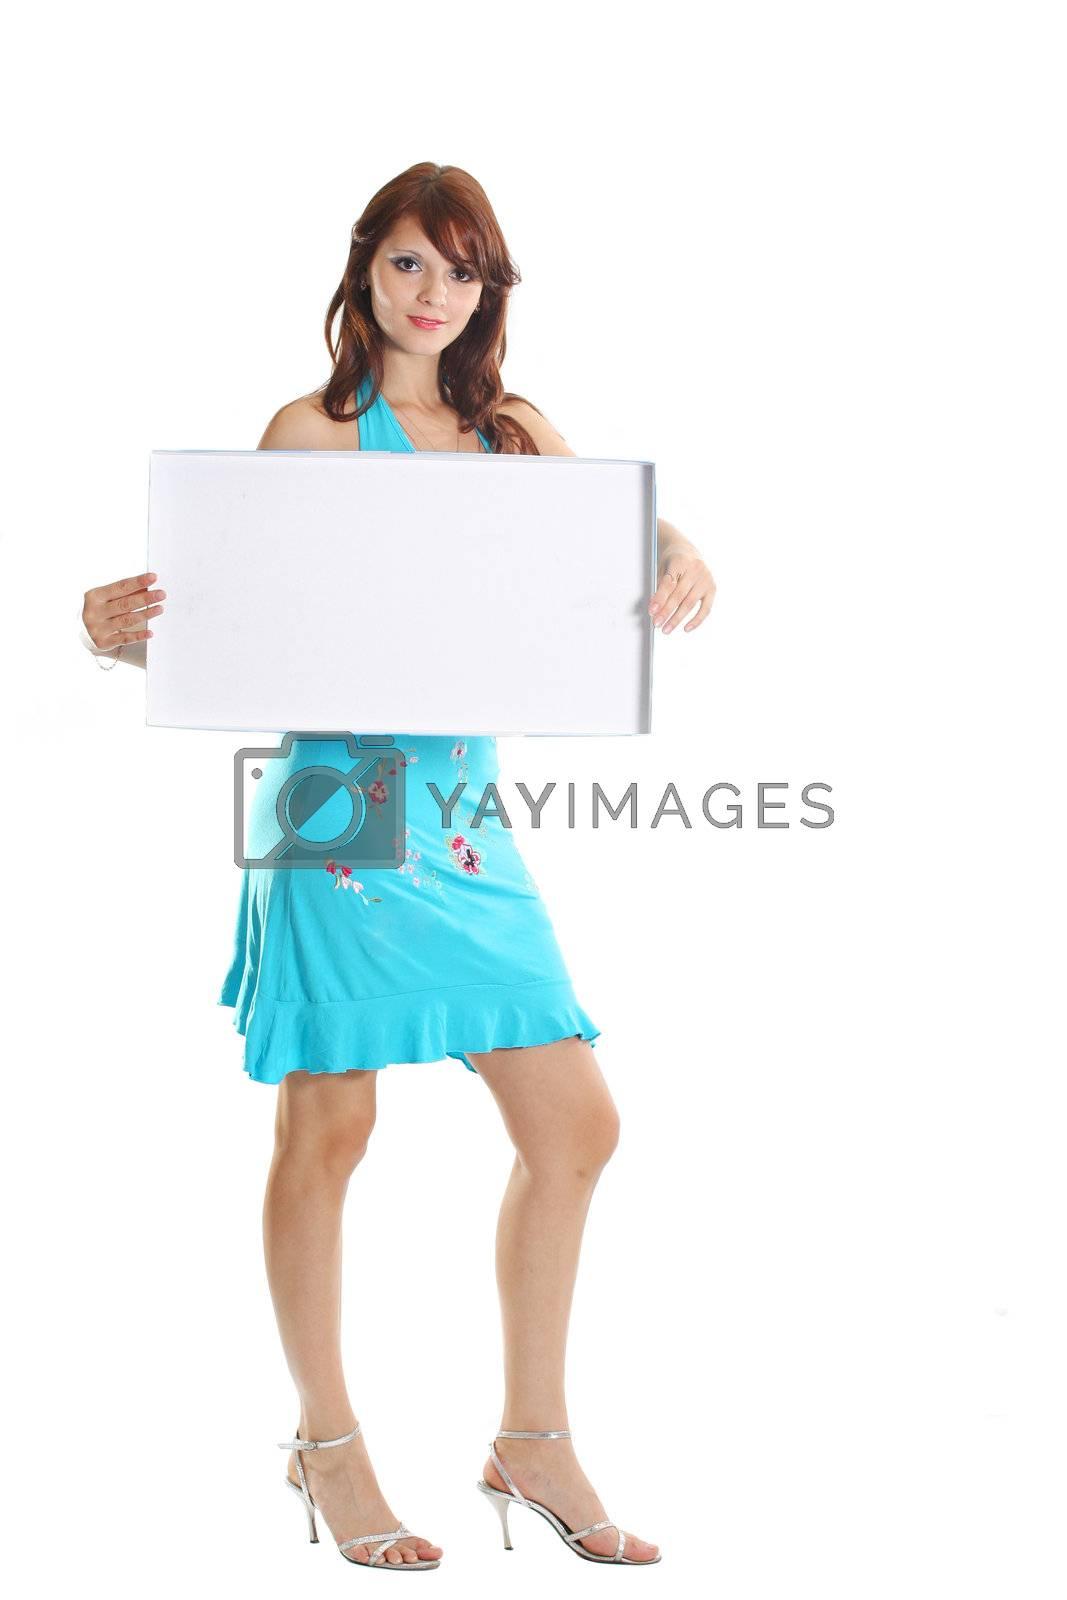 hair females human copy white card women